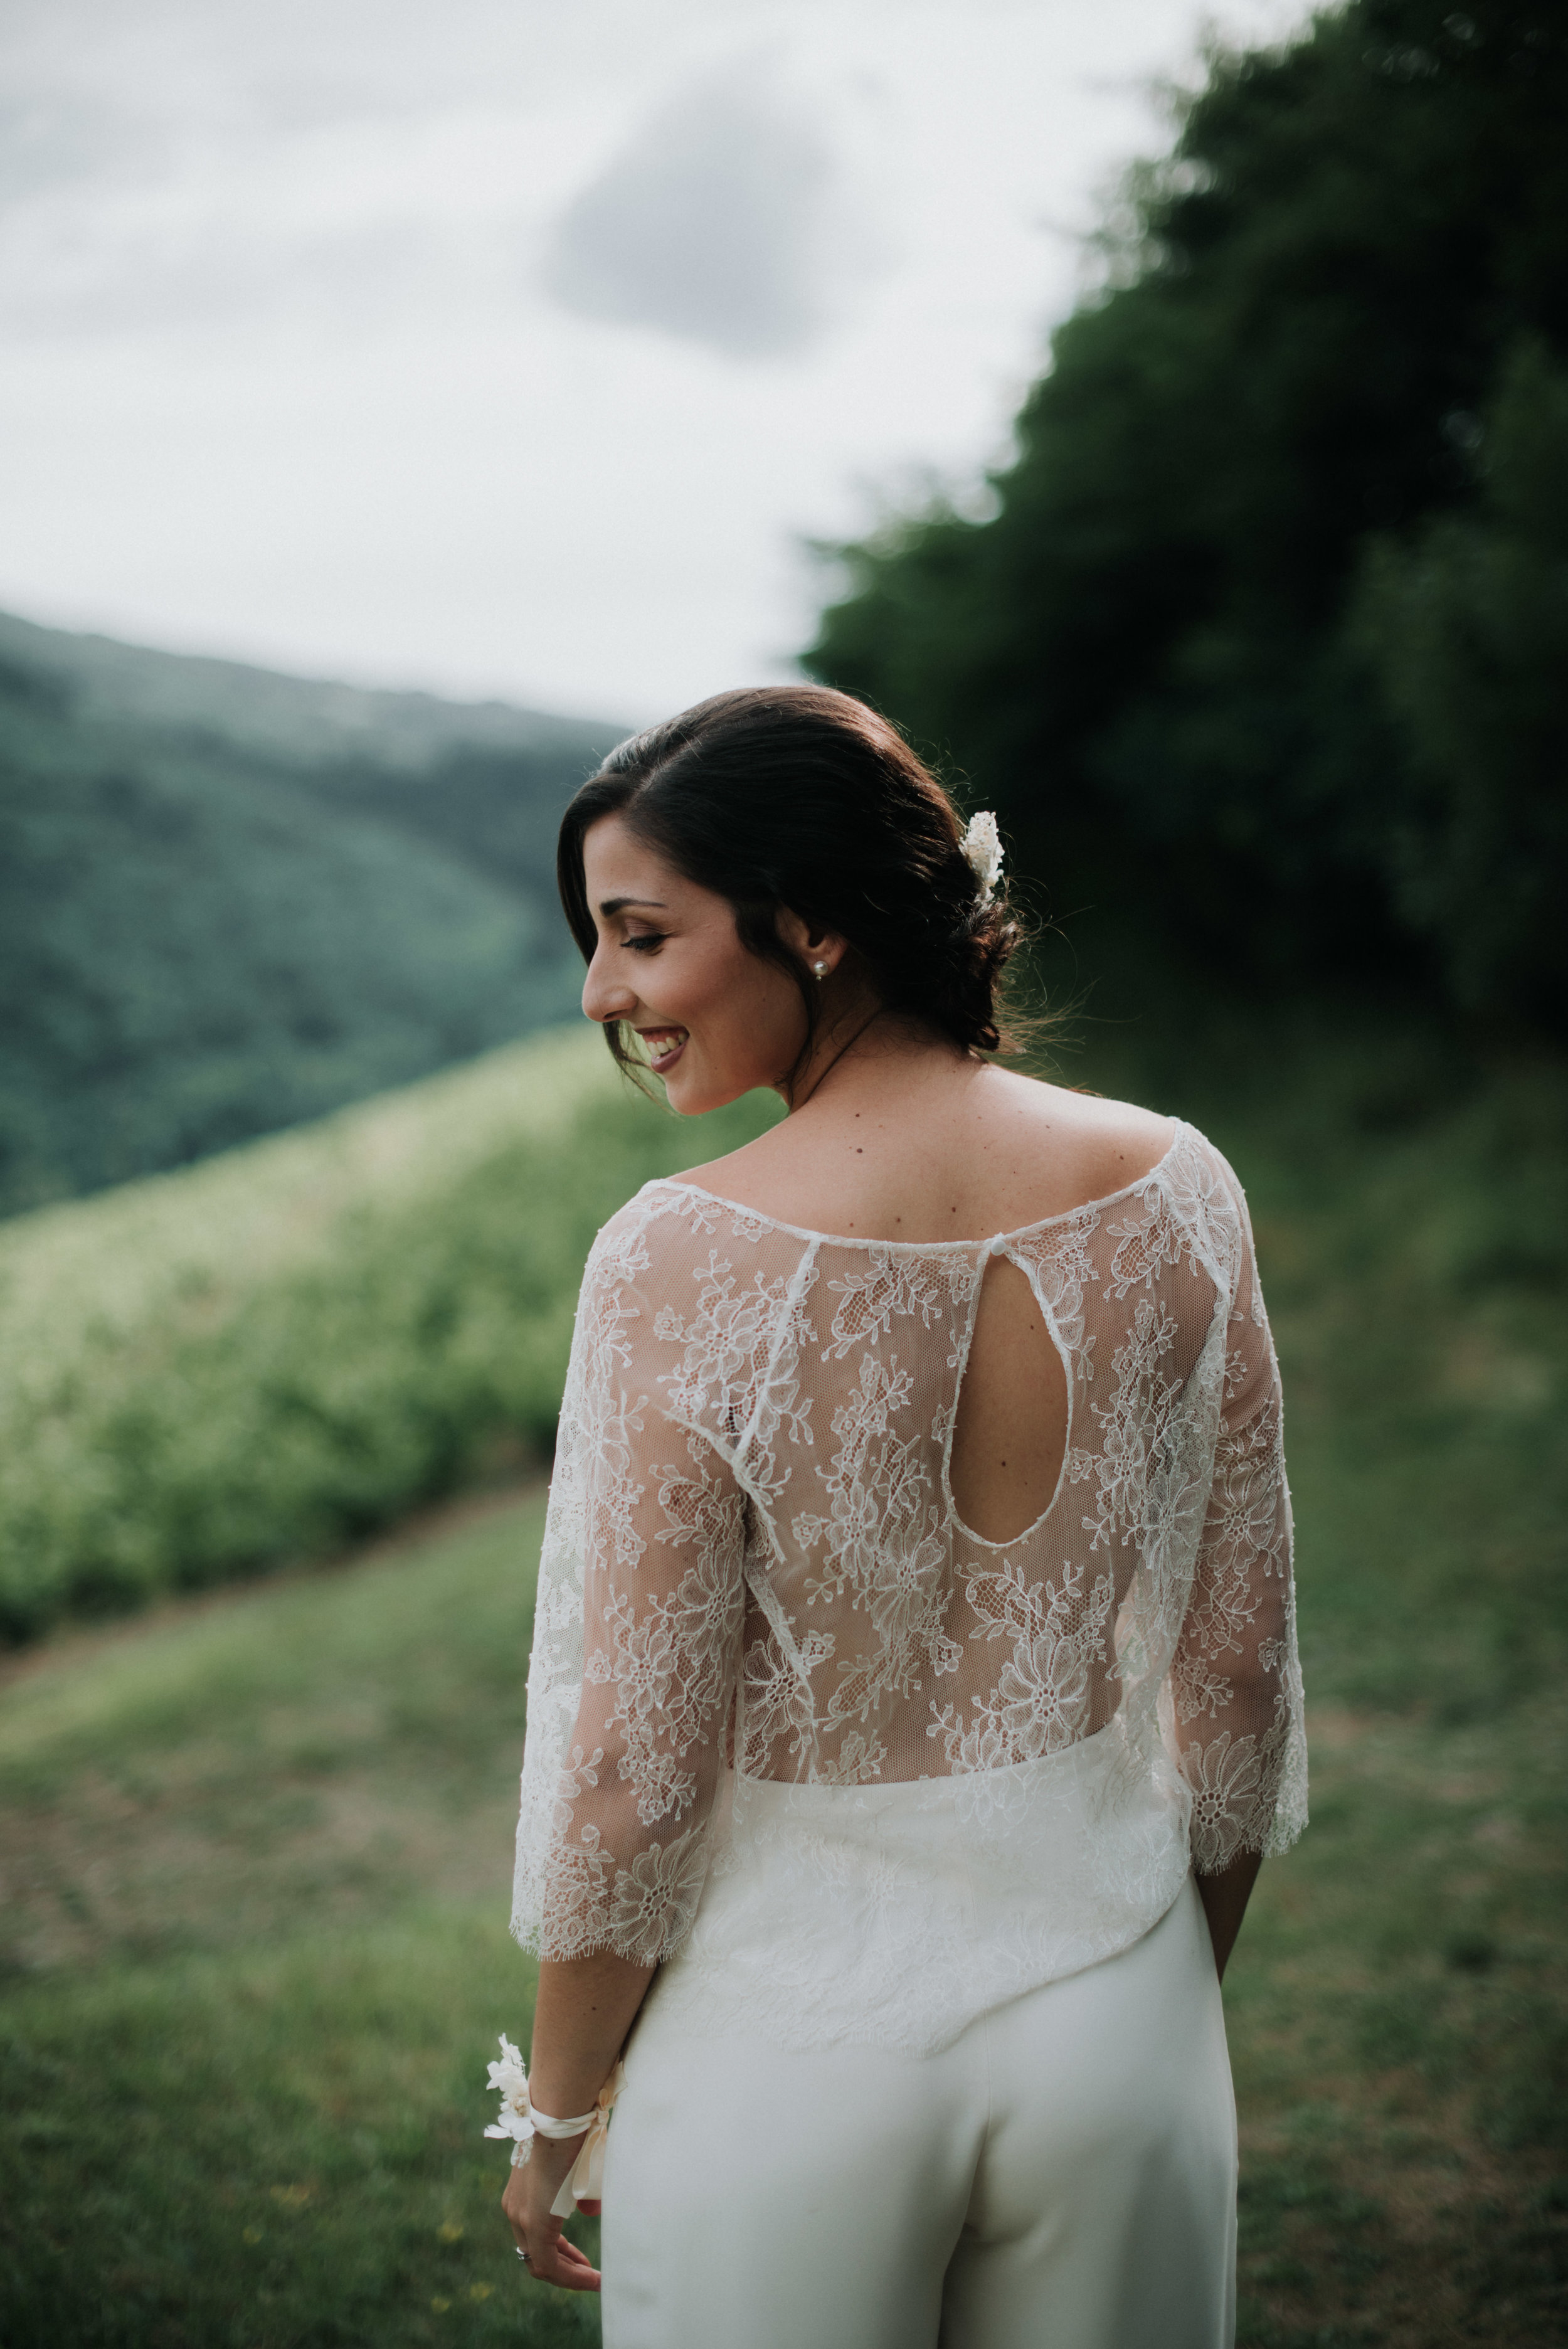 Léa-Fery-photographe-professionnel-lyon-rhone-alpes-portrait-creation-mariage-evenement-evenementiel-famille-8986.jpg